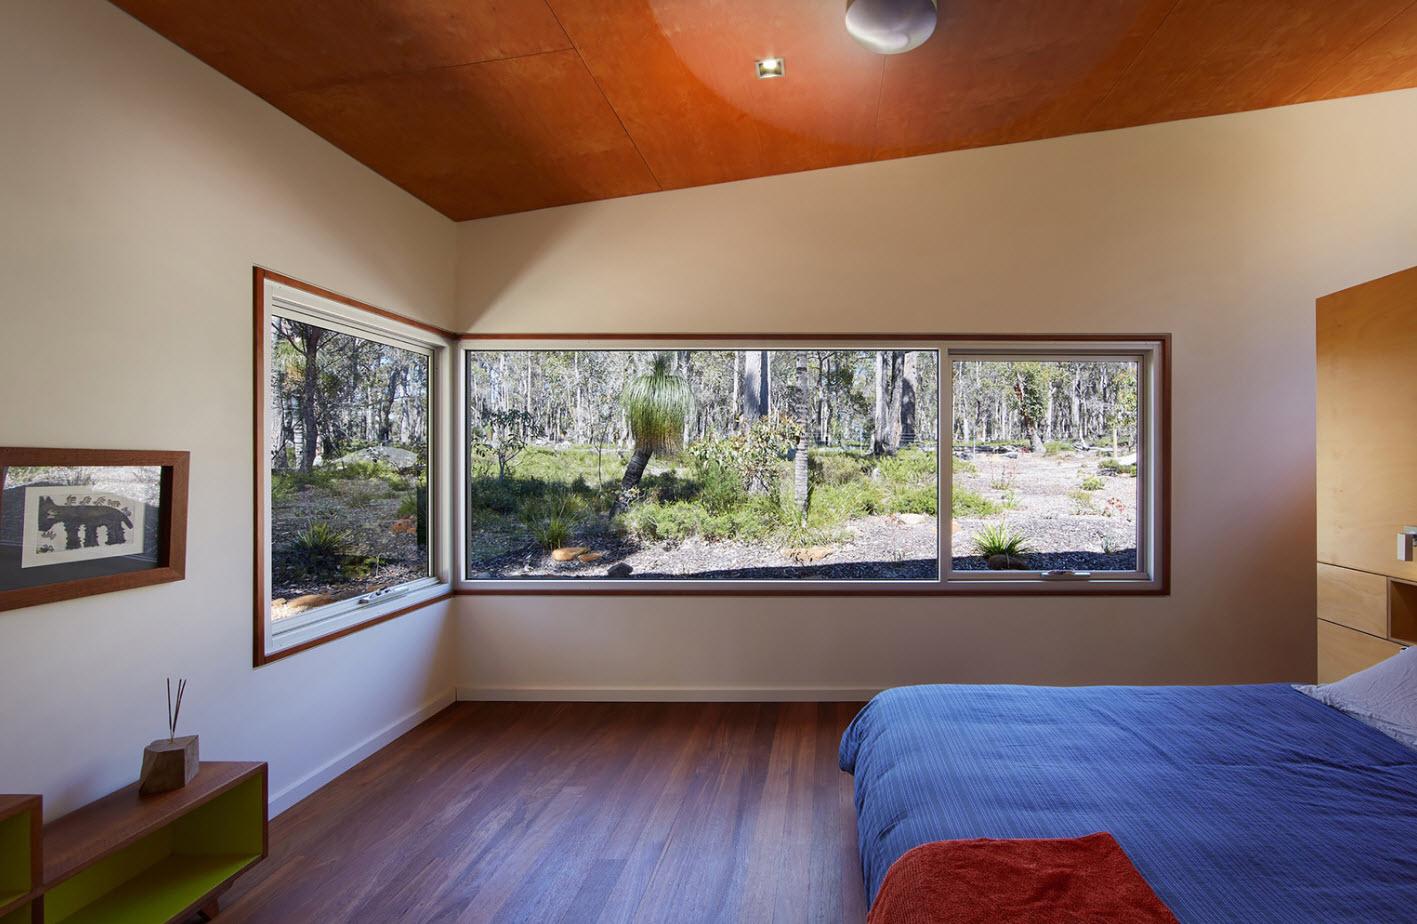 Diseño de dormitorio casa rural